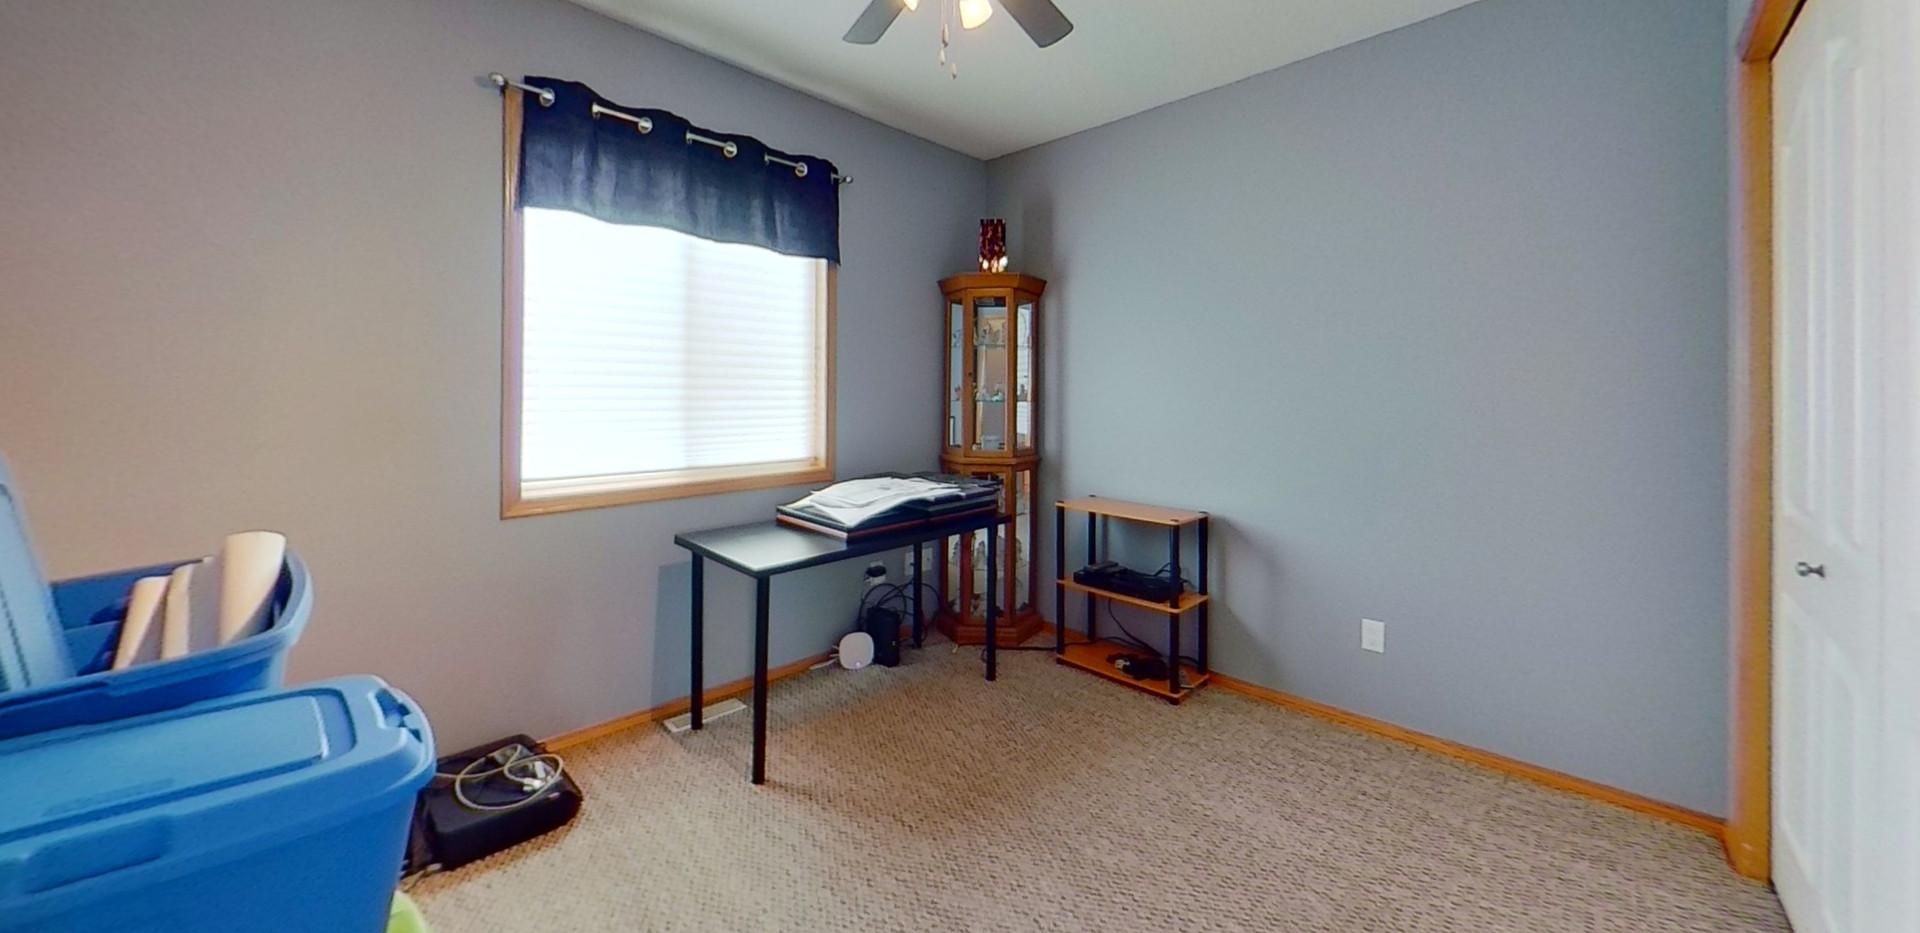 1143-Oakland-Dr-Bedroom-8.jpg